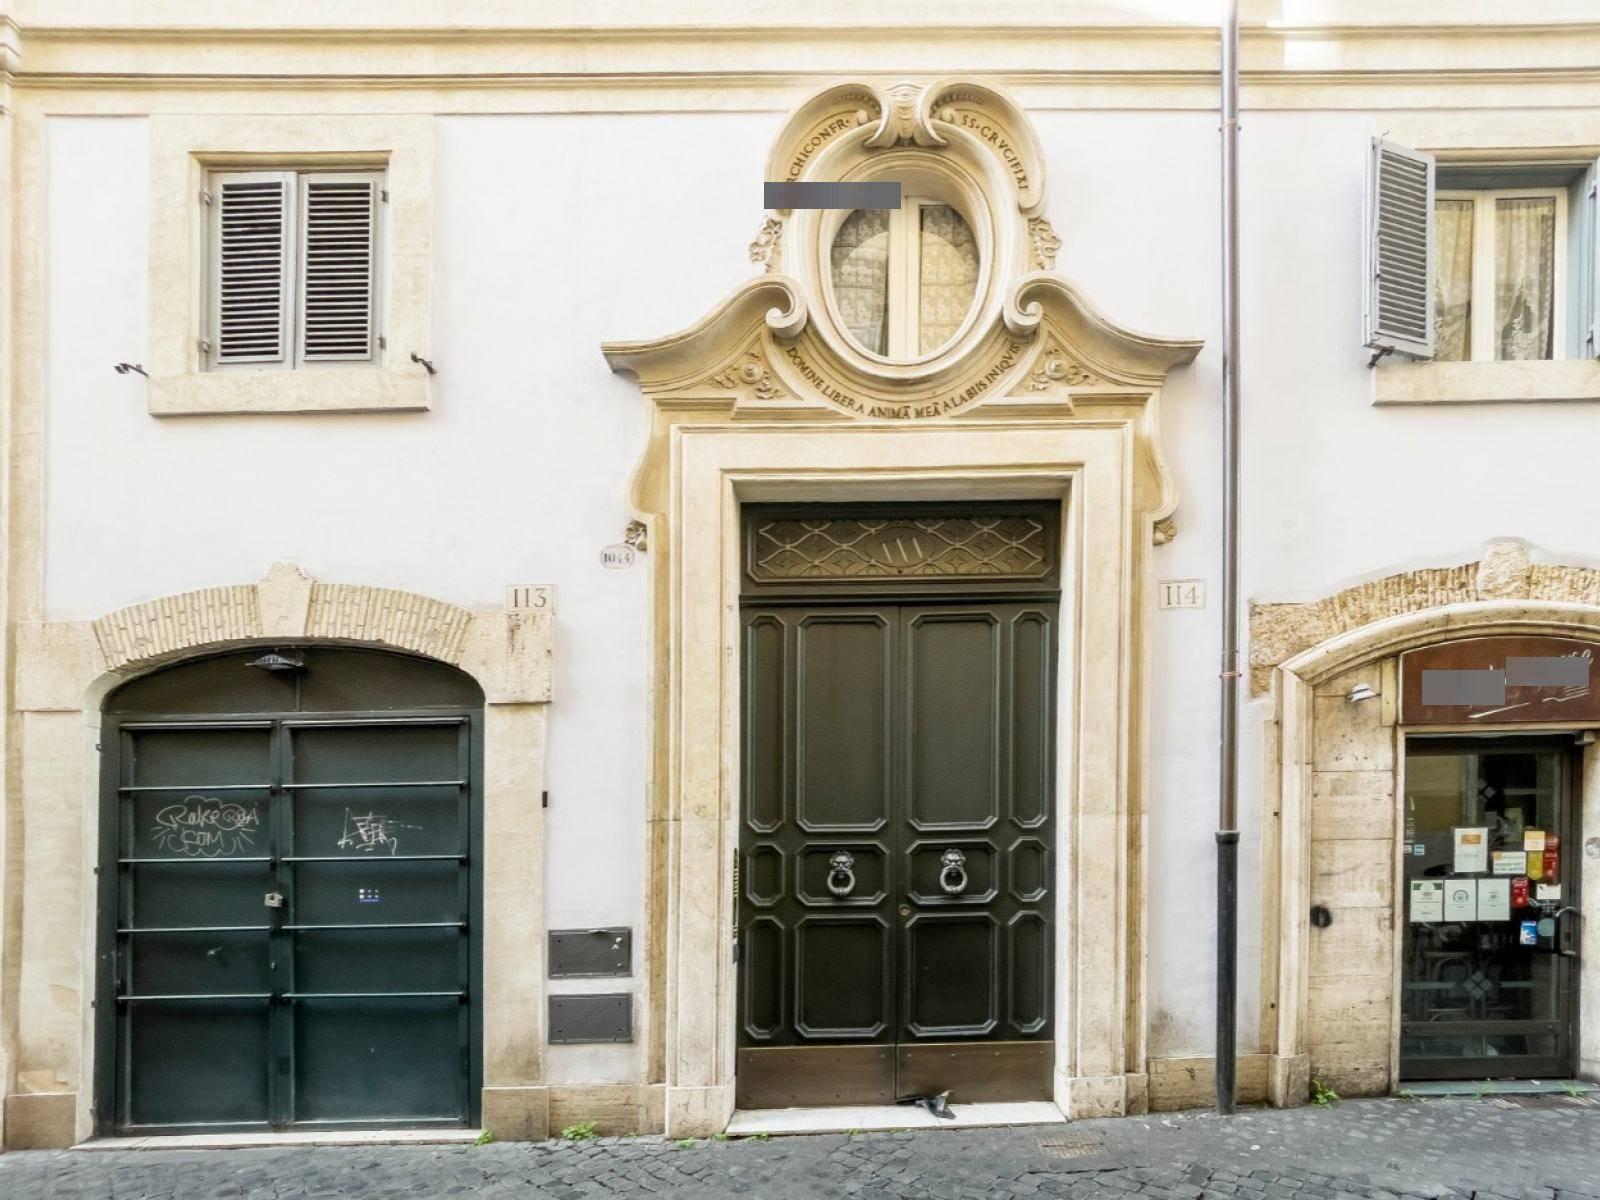 1118420728 Plurilocale (7) in Via In Arcione, Roma, Zona Centro Storico